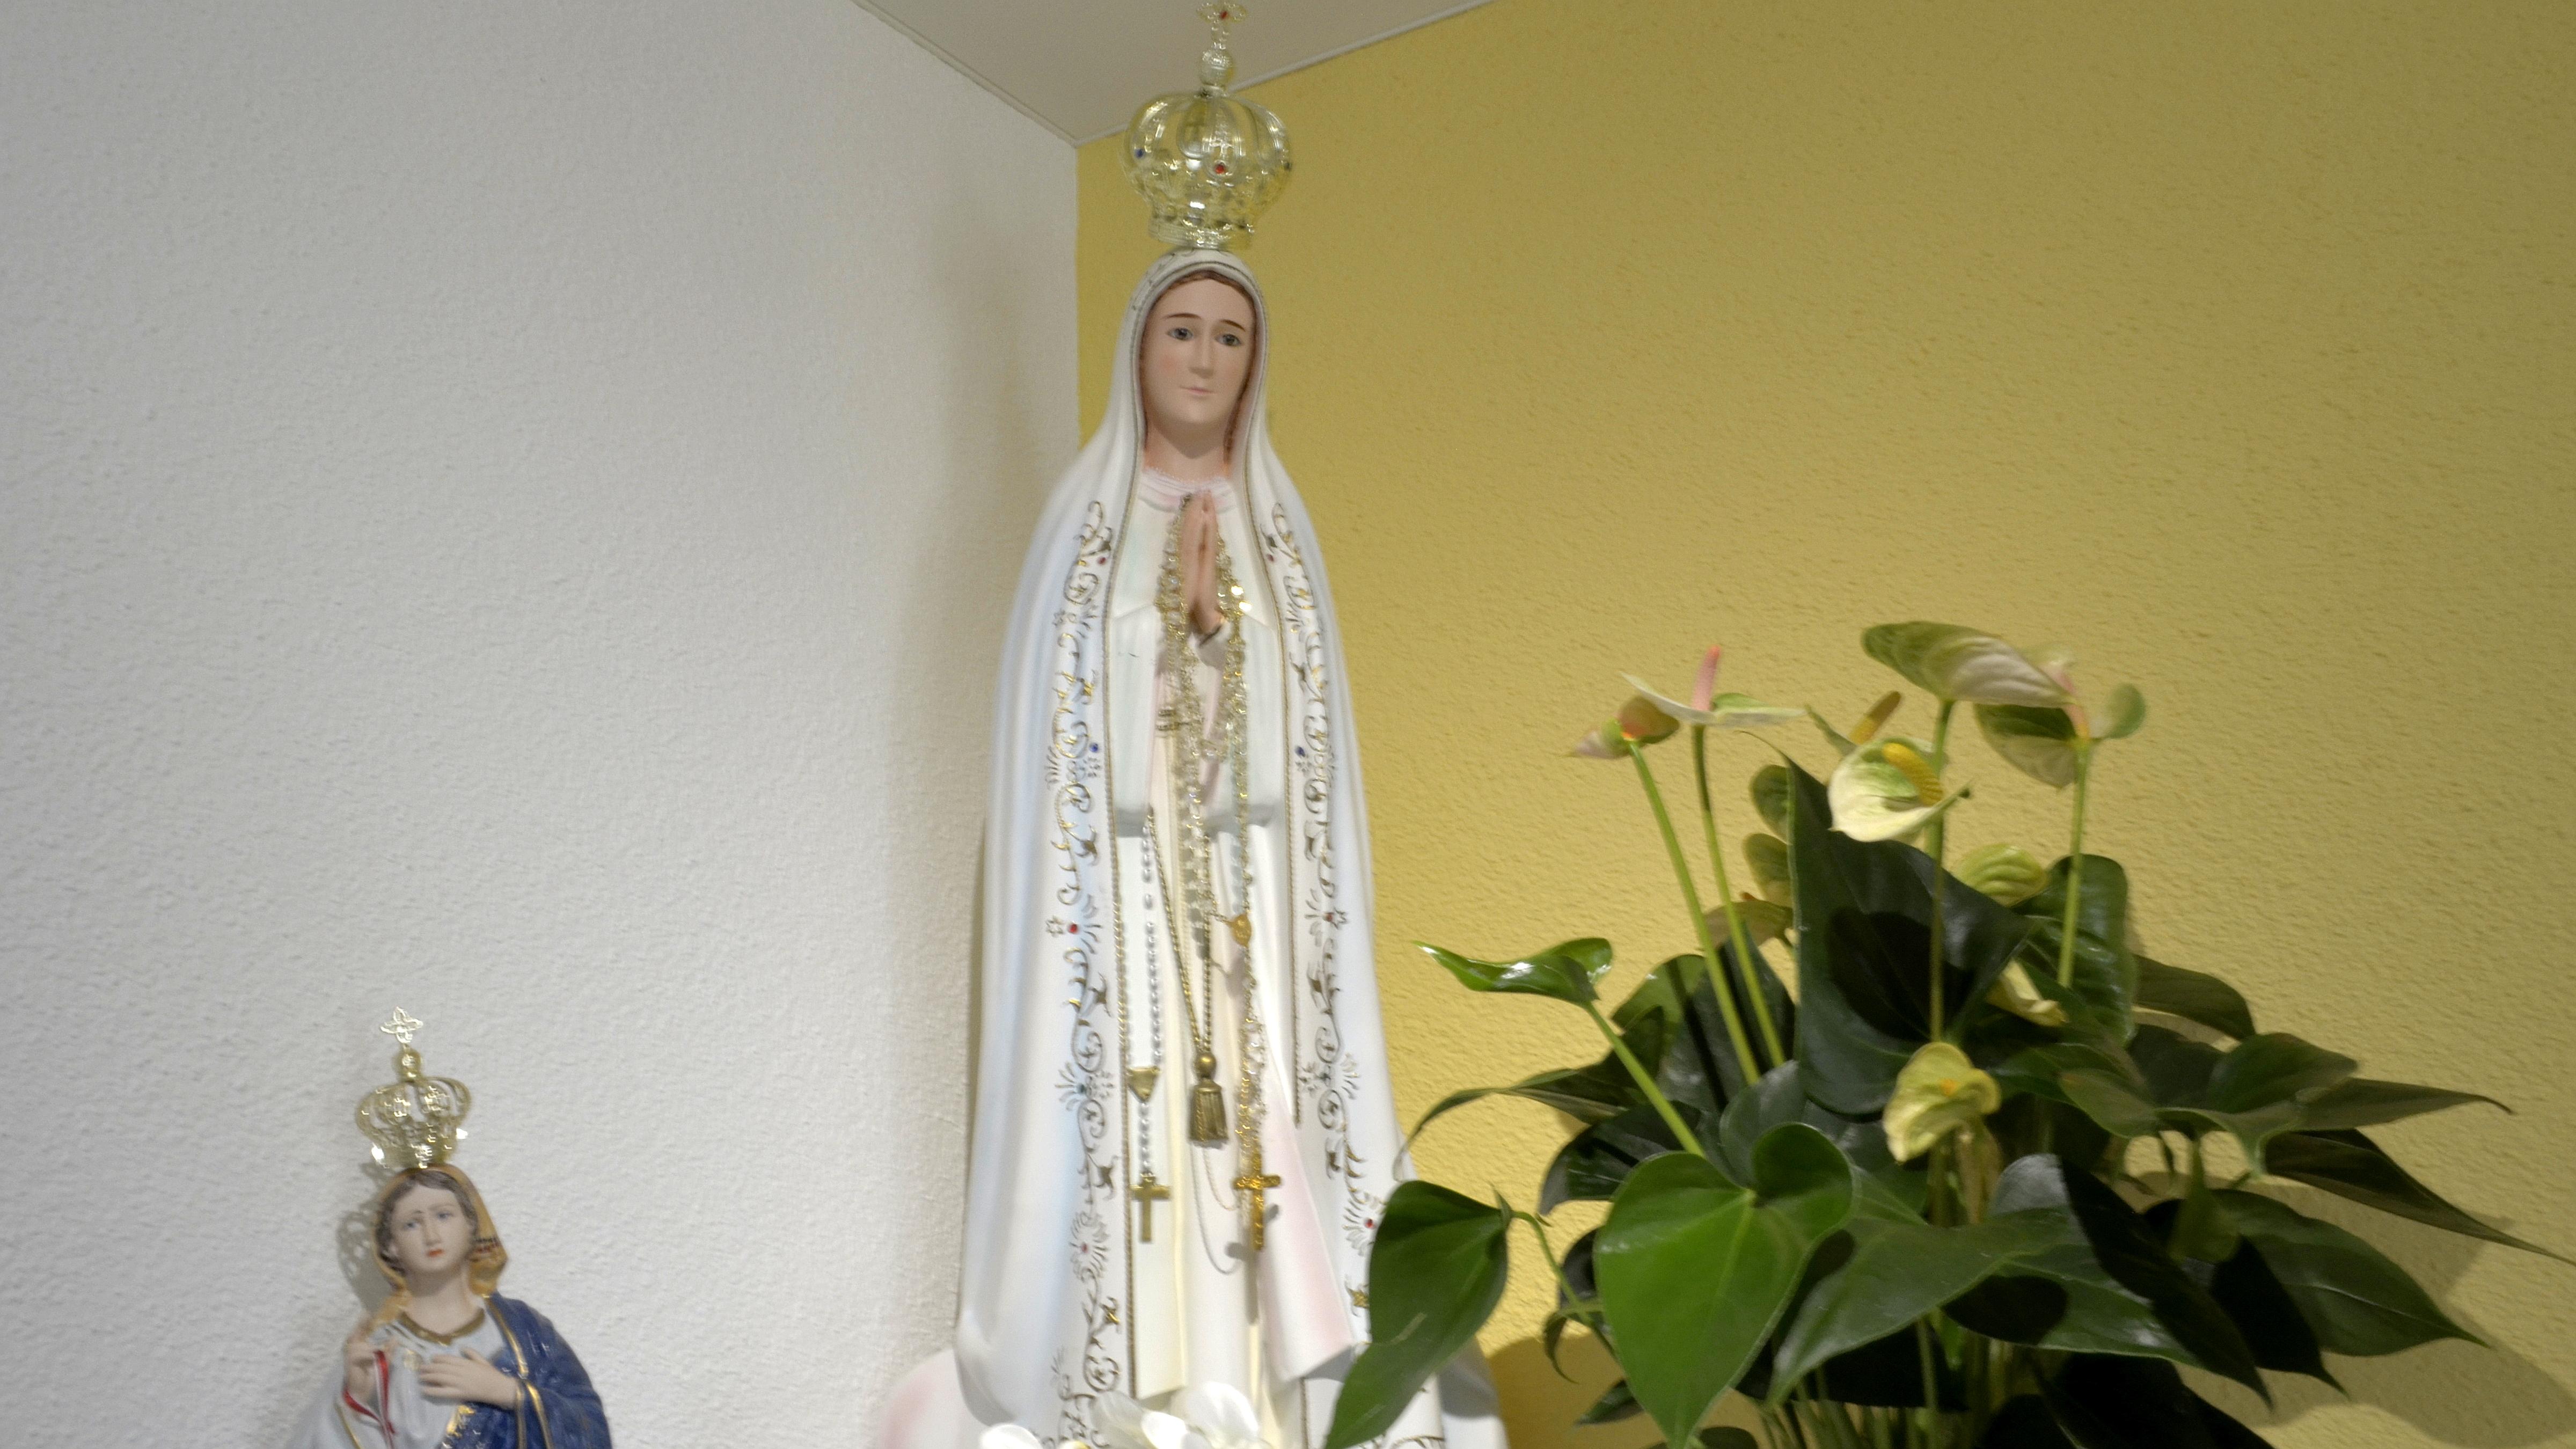 Madonna von Fatima in der Kapelle der portugiesischen Mission Luzern  | © Regula Pfeifer